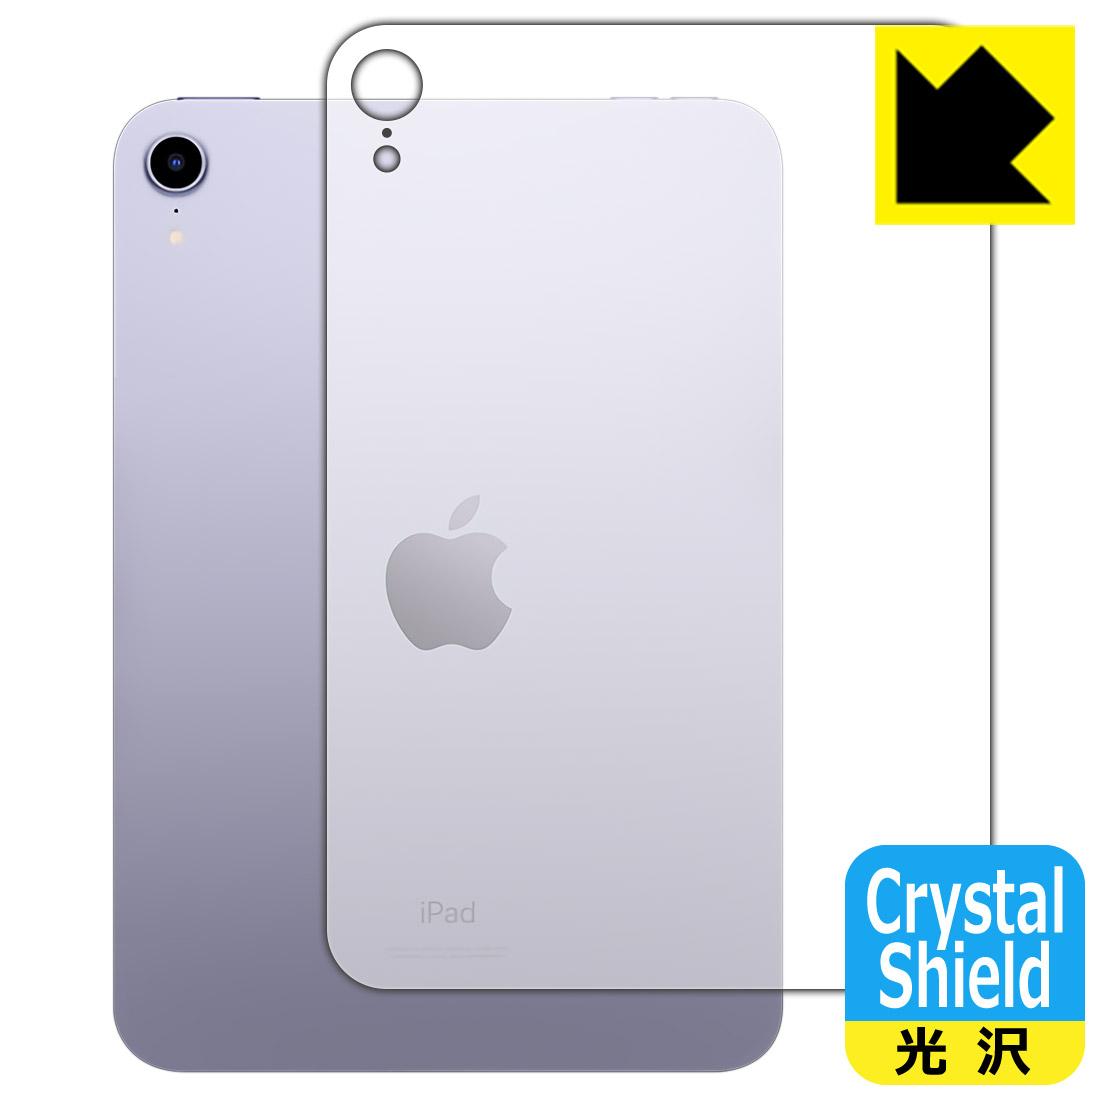 9月24日頃出荷開始予定 送料無料(一部地域を除く) 現在予約受付中 光沢タイプ iPad mini 第6世代 2021年発売モデル 専用保護フィルム 倉庫 smtb-kd 背面のみ Shield 保護シート Crystal Wi-Fiモデル